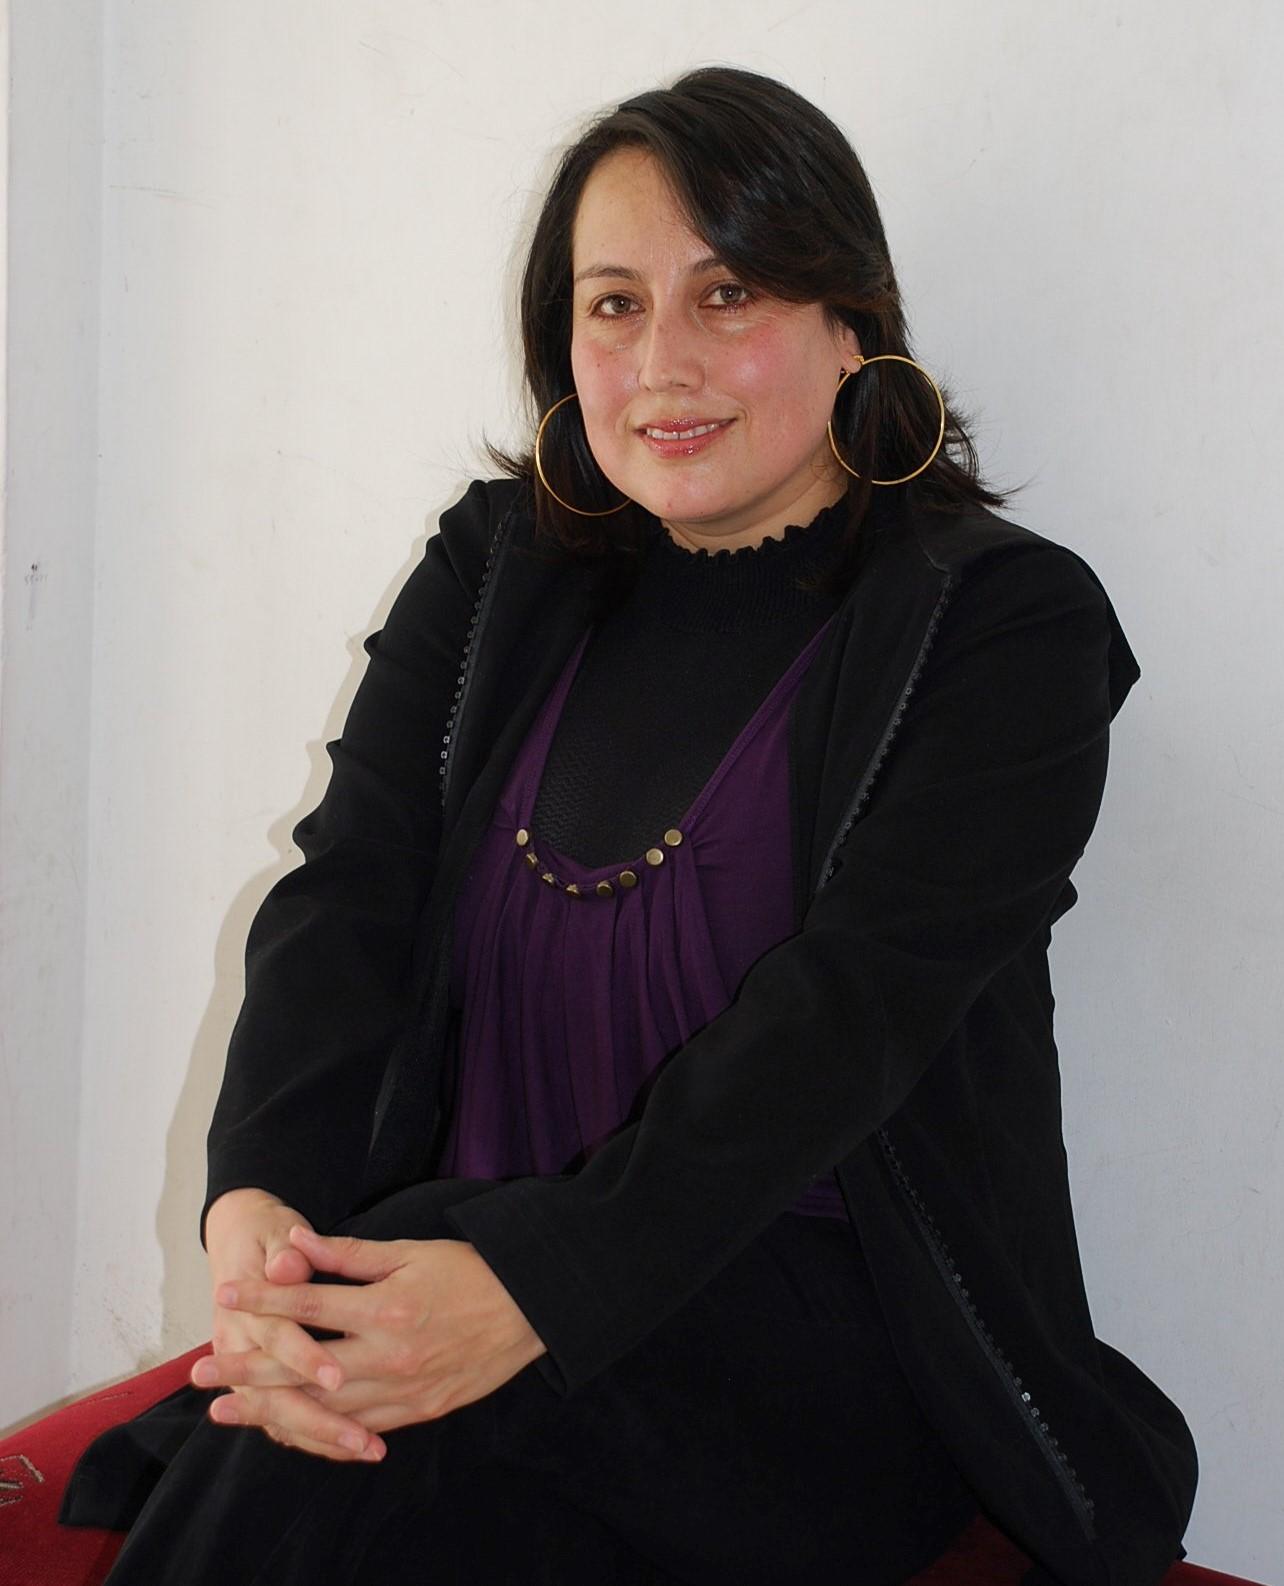 Una vez el amor', poemas de la ecuatoriana Sandra Beatriz Ludeña